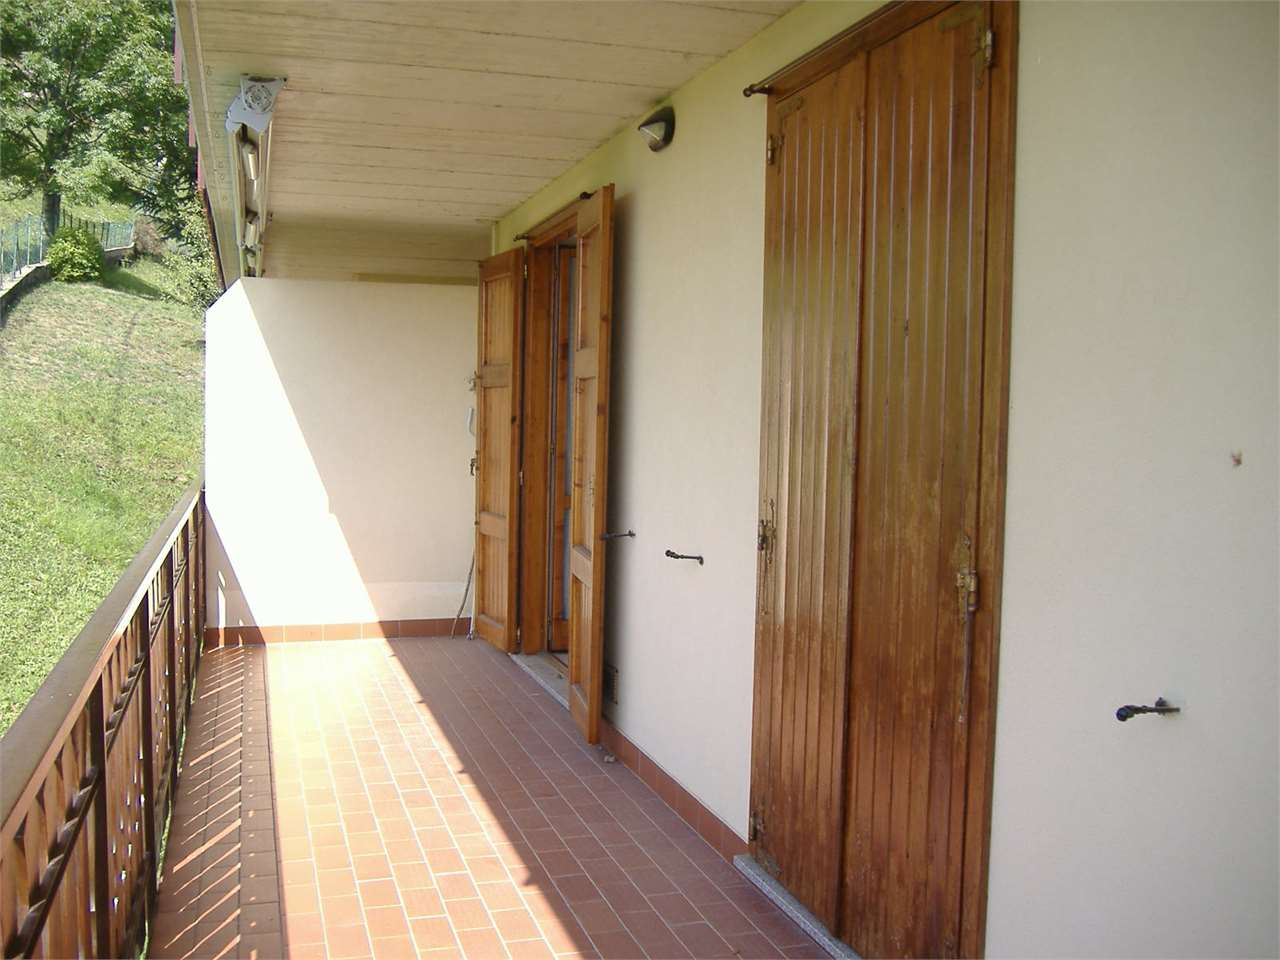 Appartamento in vendita a Zogno, 2 locali, zona Zona: Miragolo San Marco, prezzo € 56.000 | CambioCasa.it